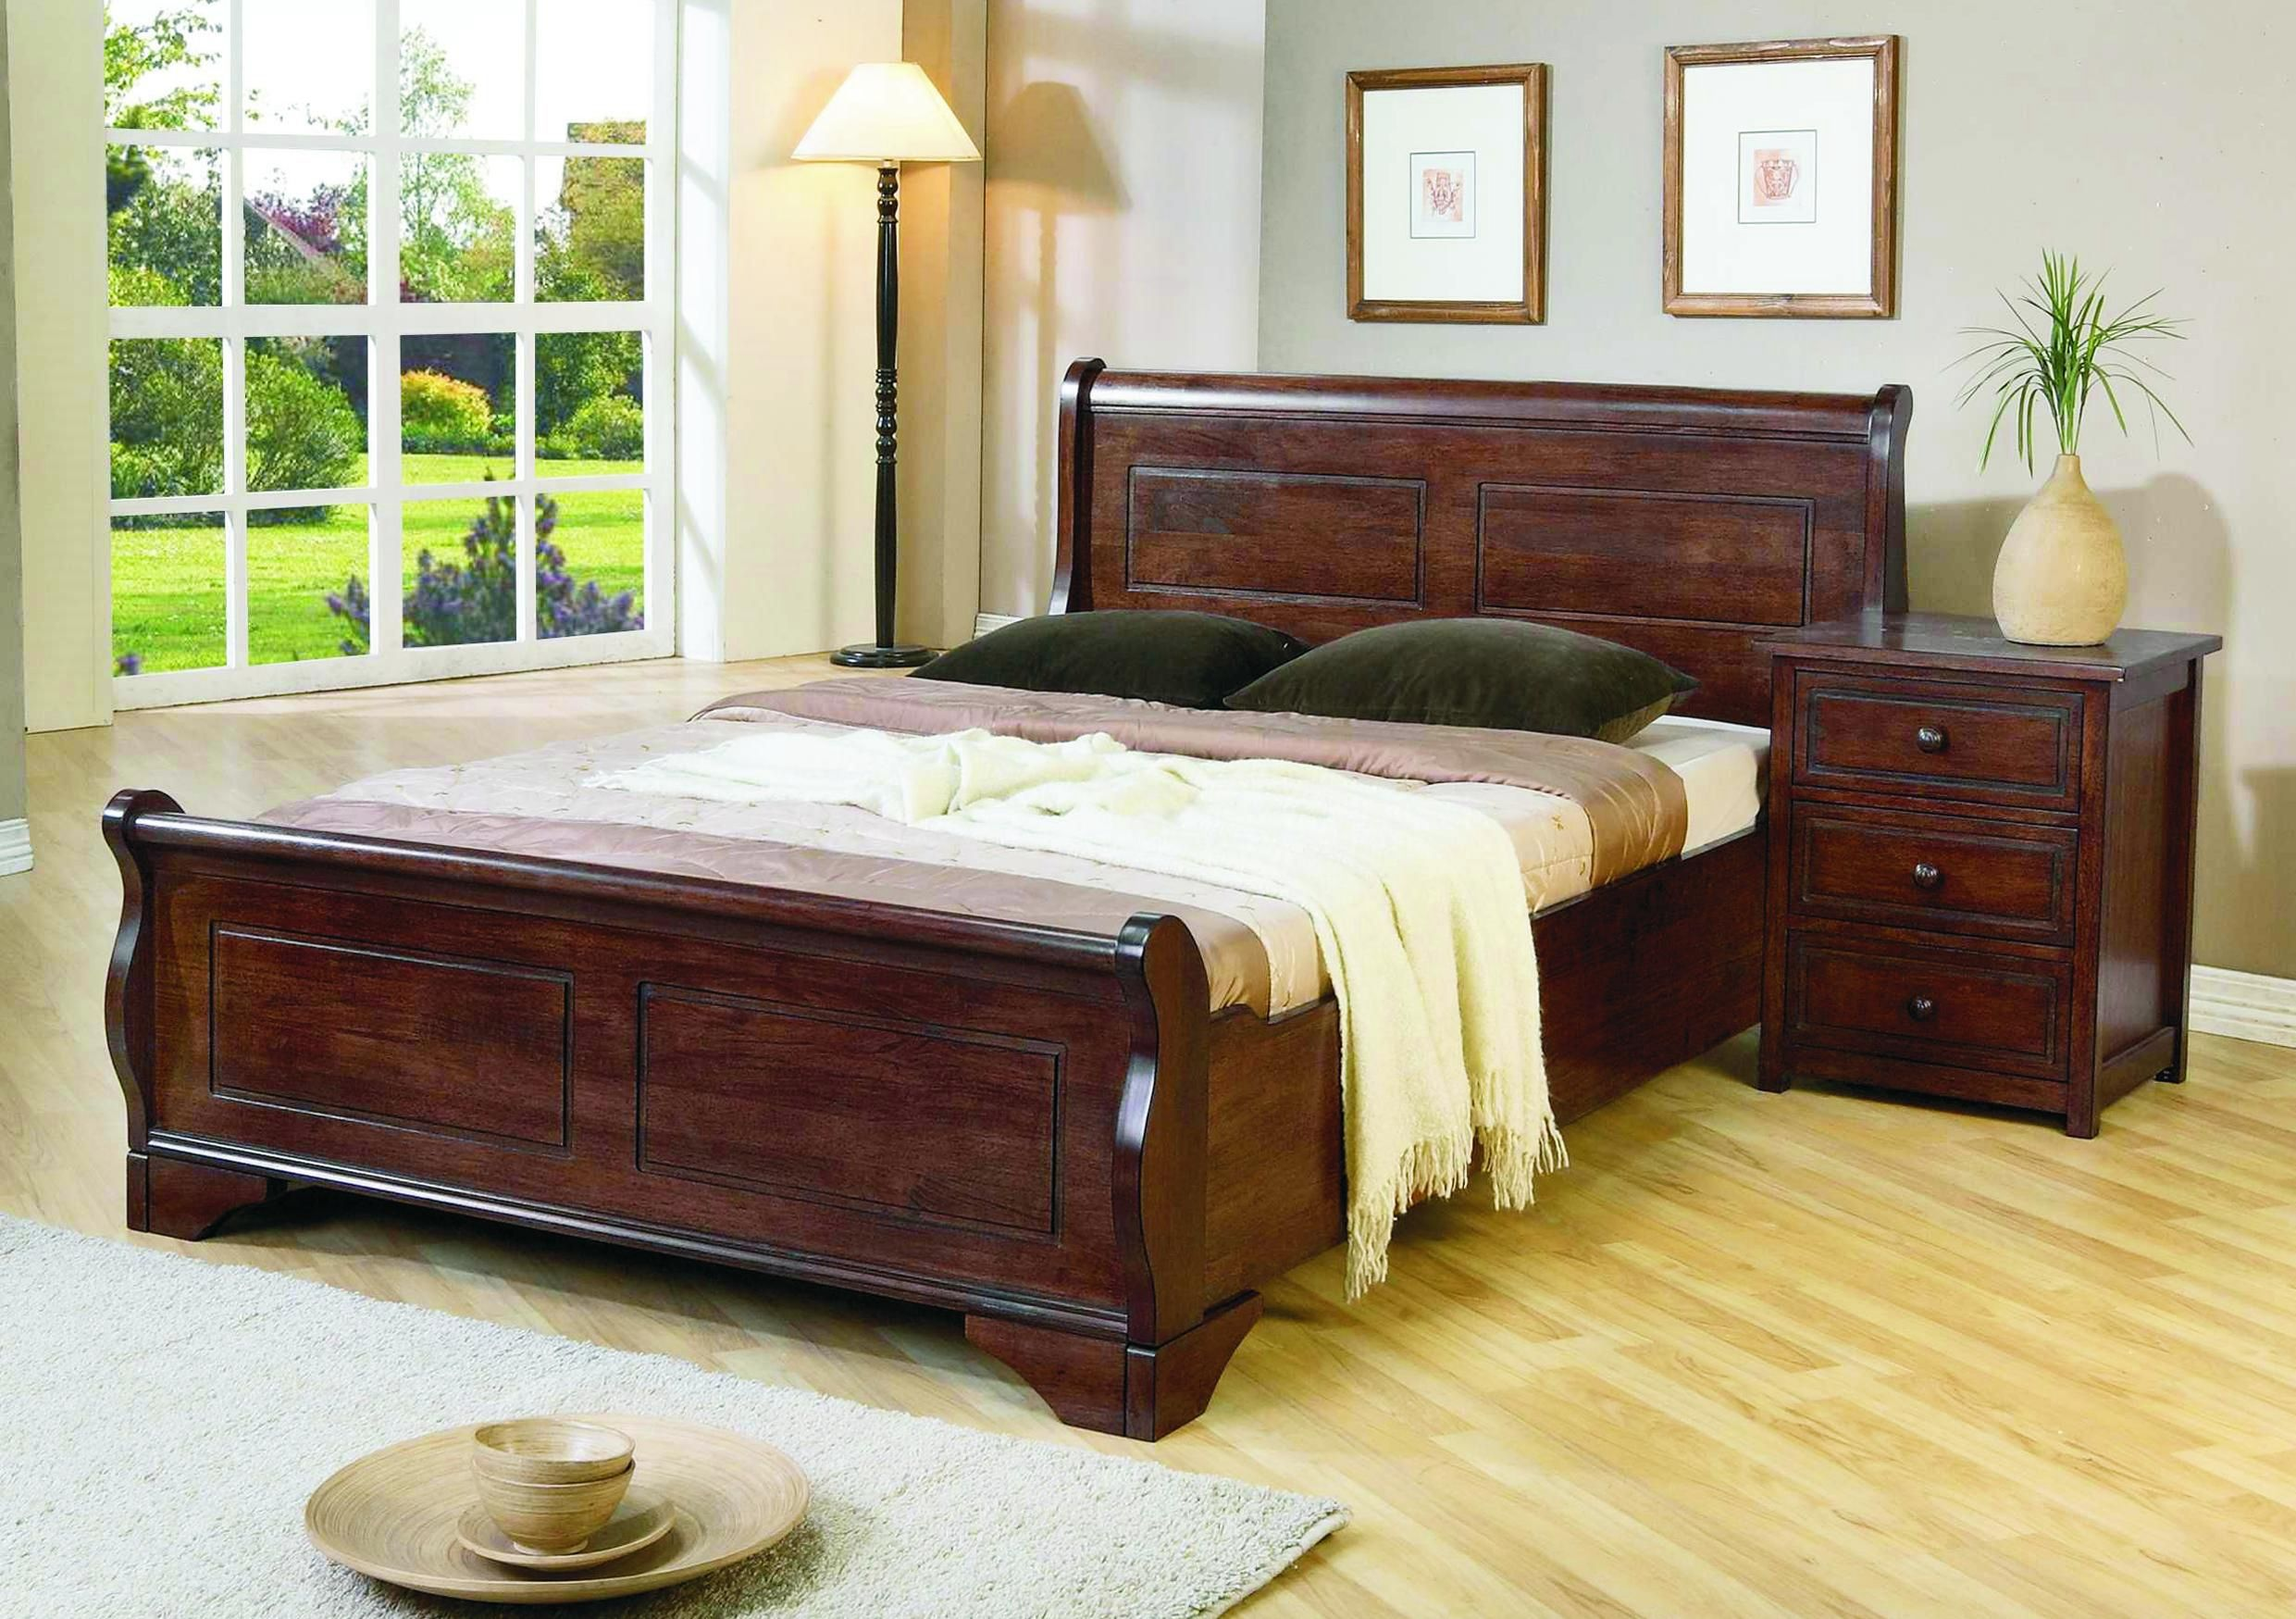 Neuesten Bett Designs In Holz Holz schlafzimmer